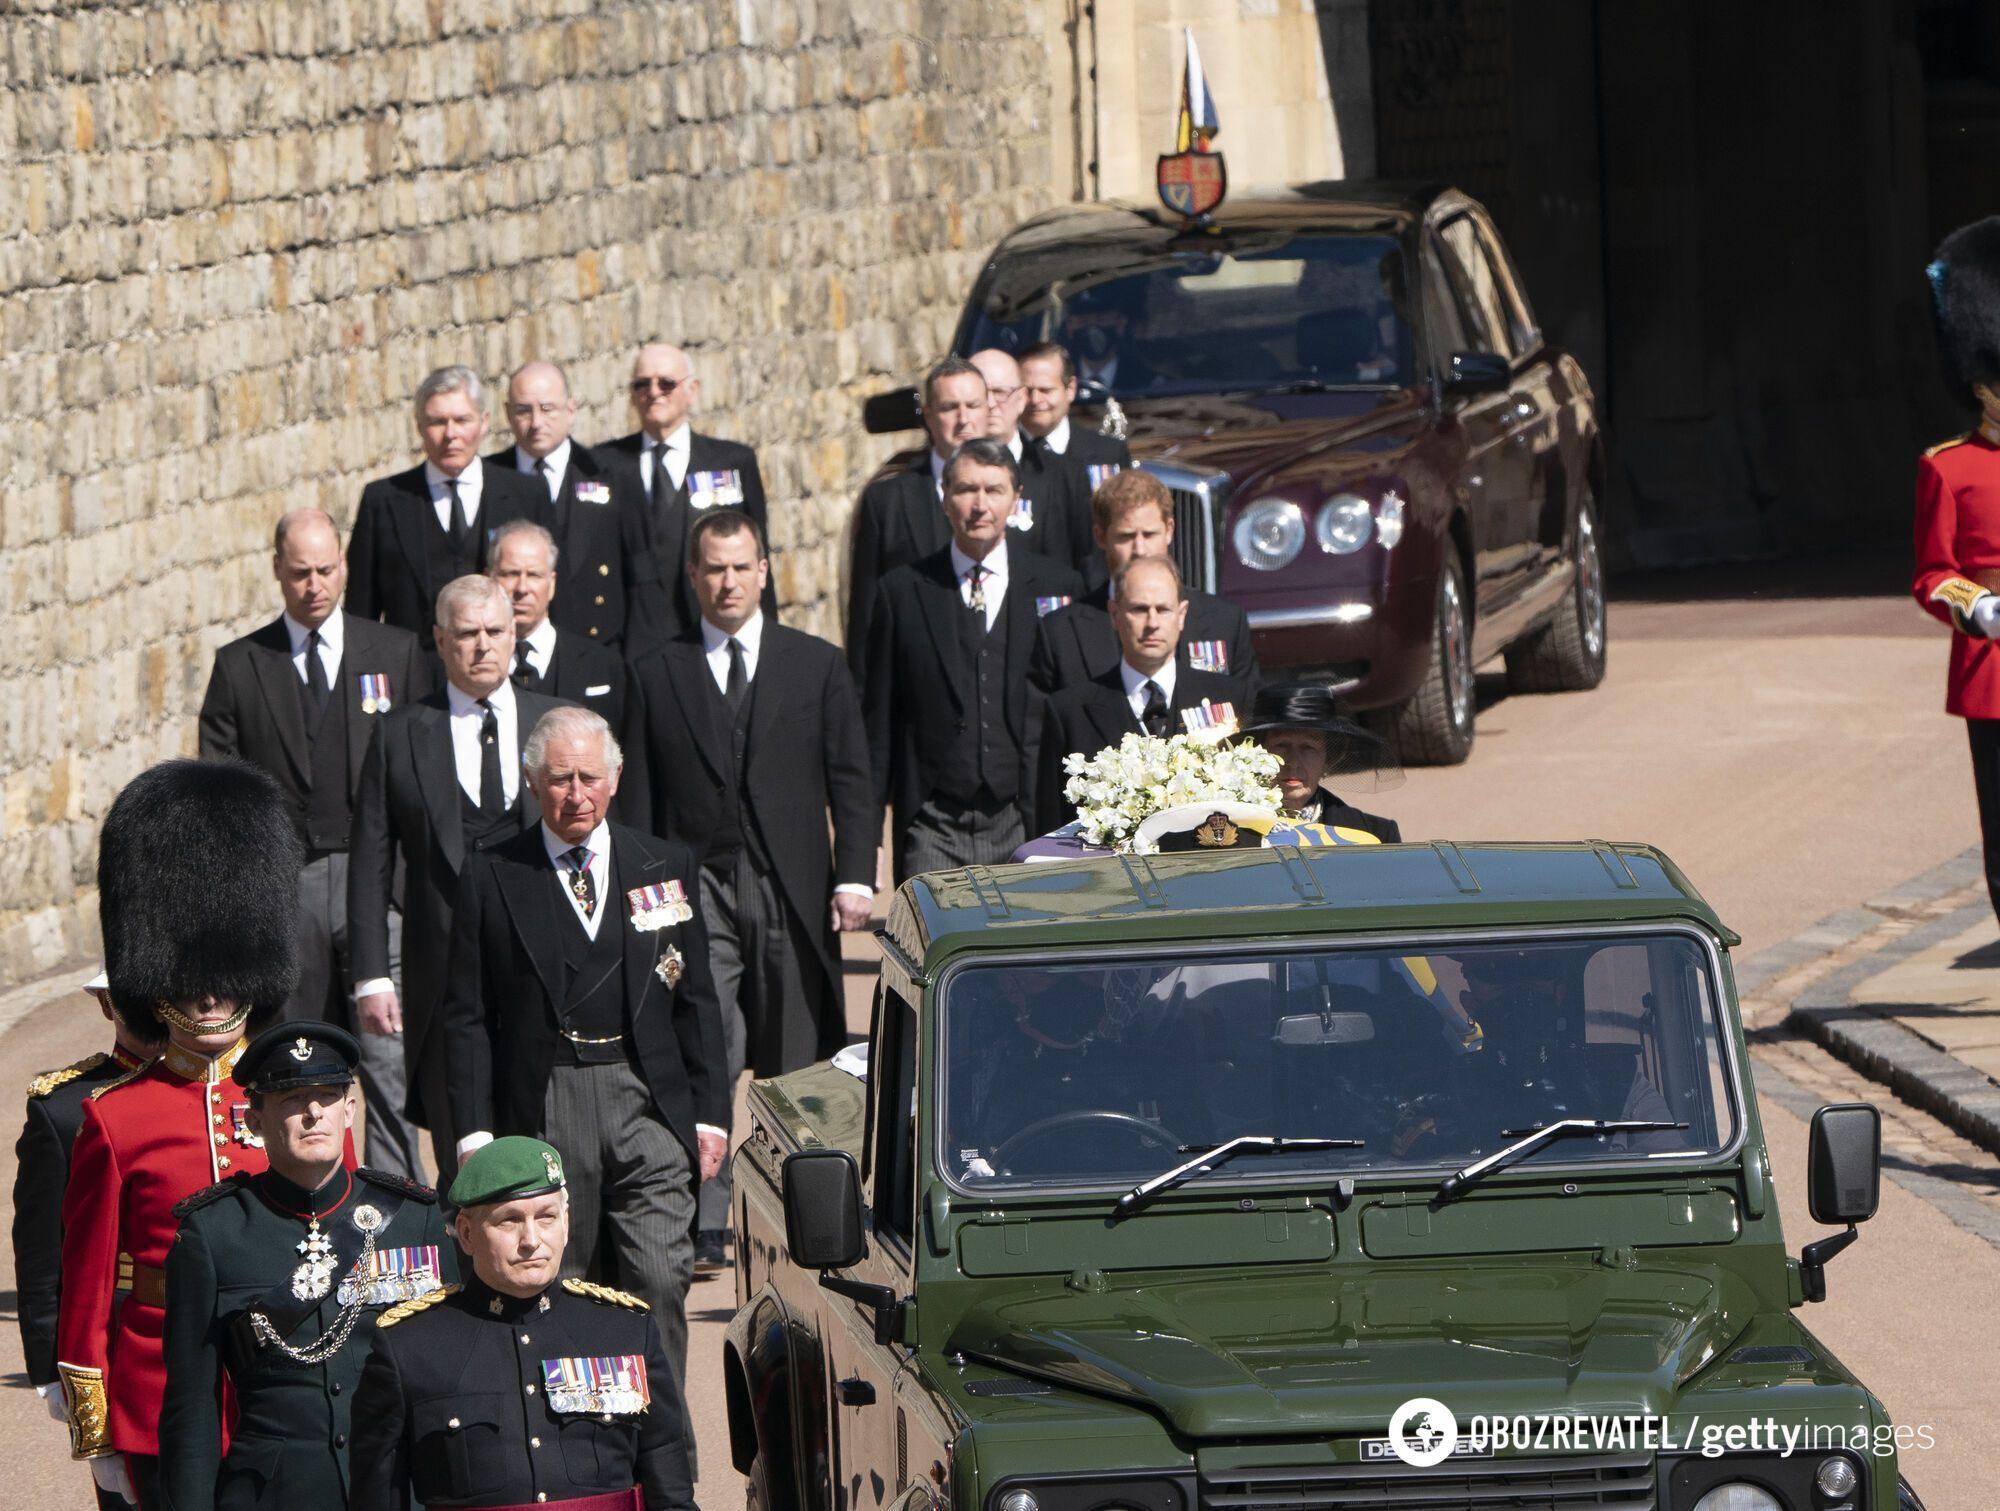 В траурной церемонии приняли участие сотни военных и члены королевской семьи